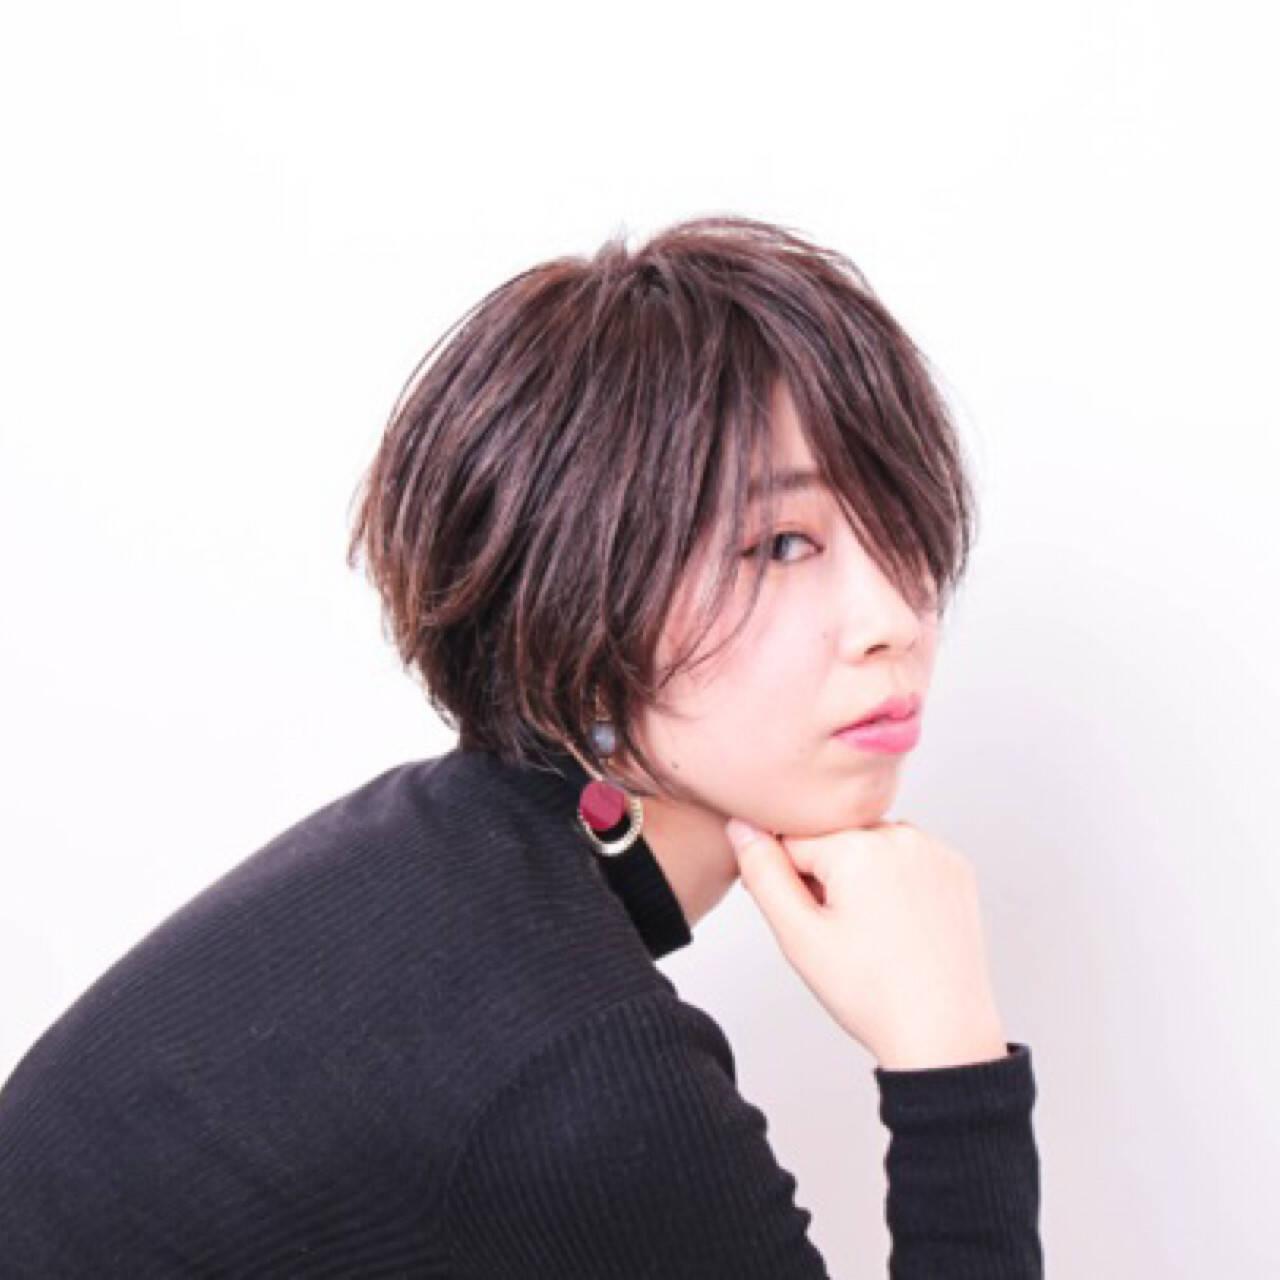 暗髪 ハイライト ボブ ナチュラルヘアスタイルや髪型の写真・画像